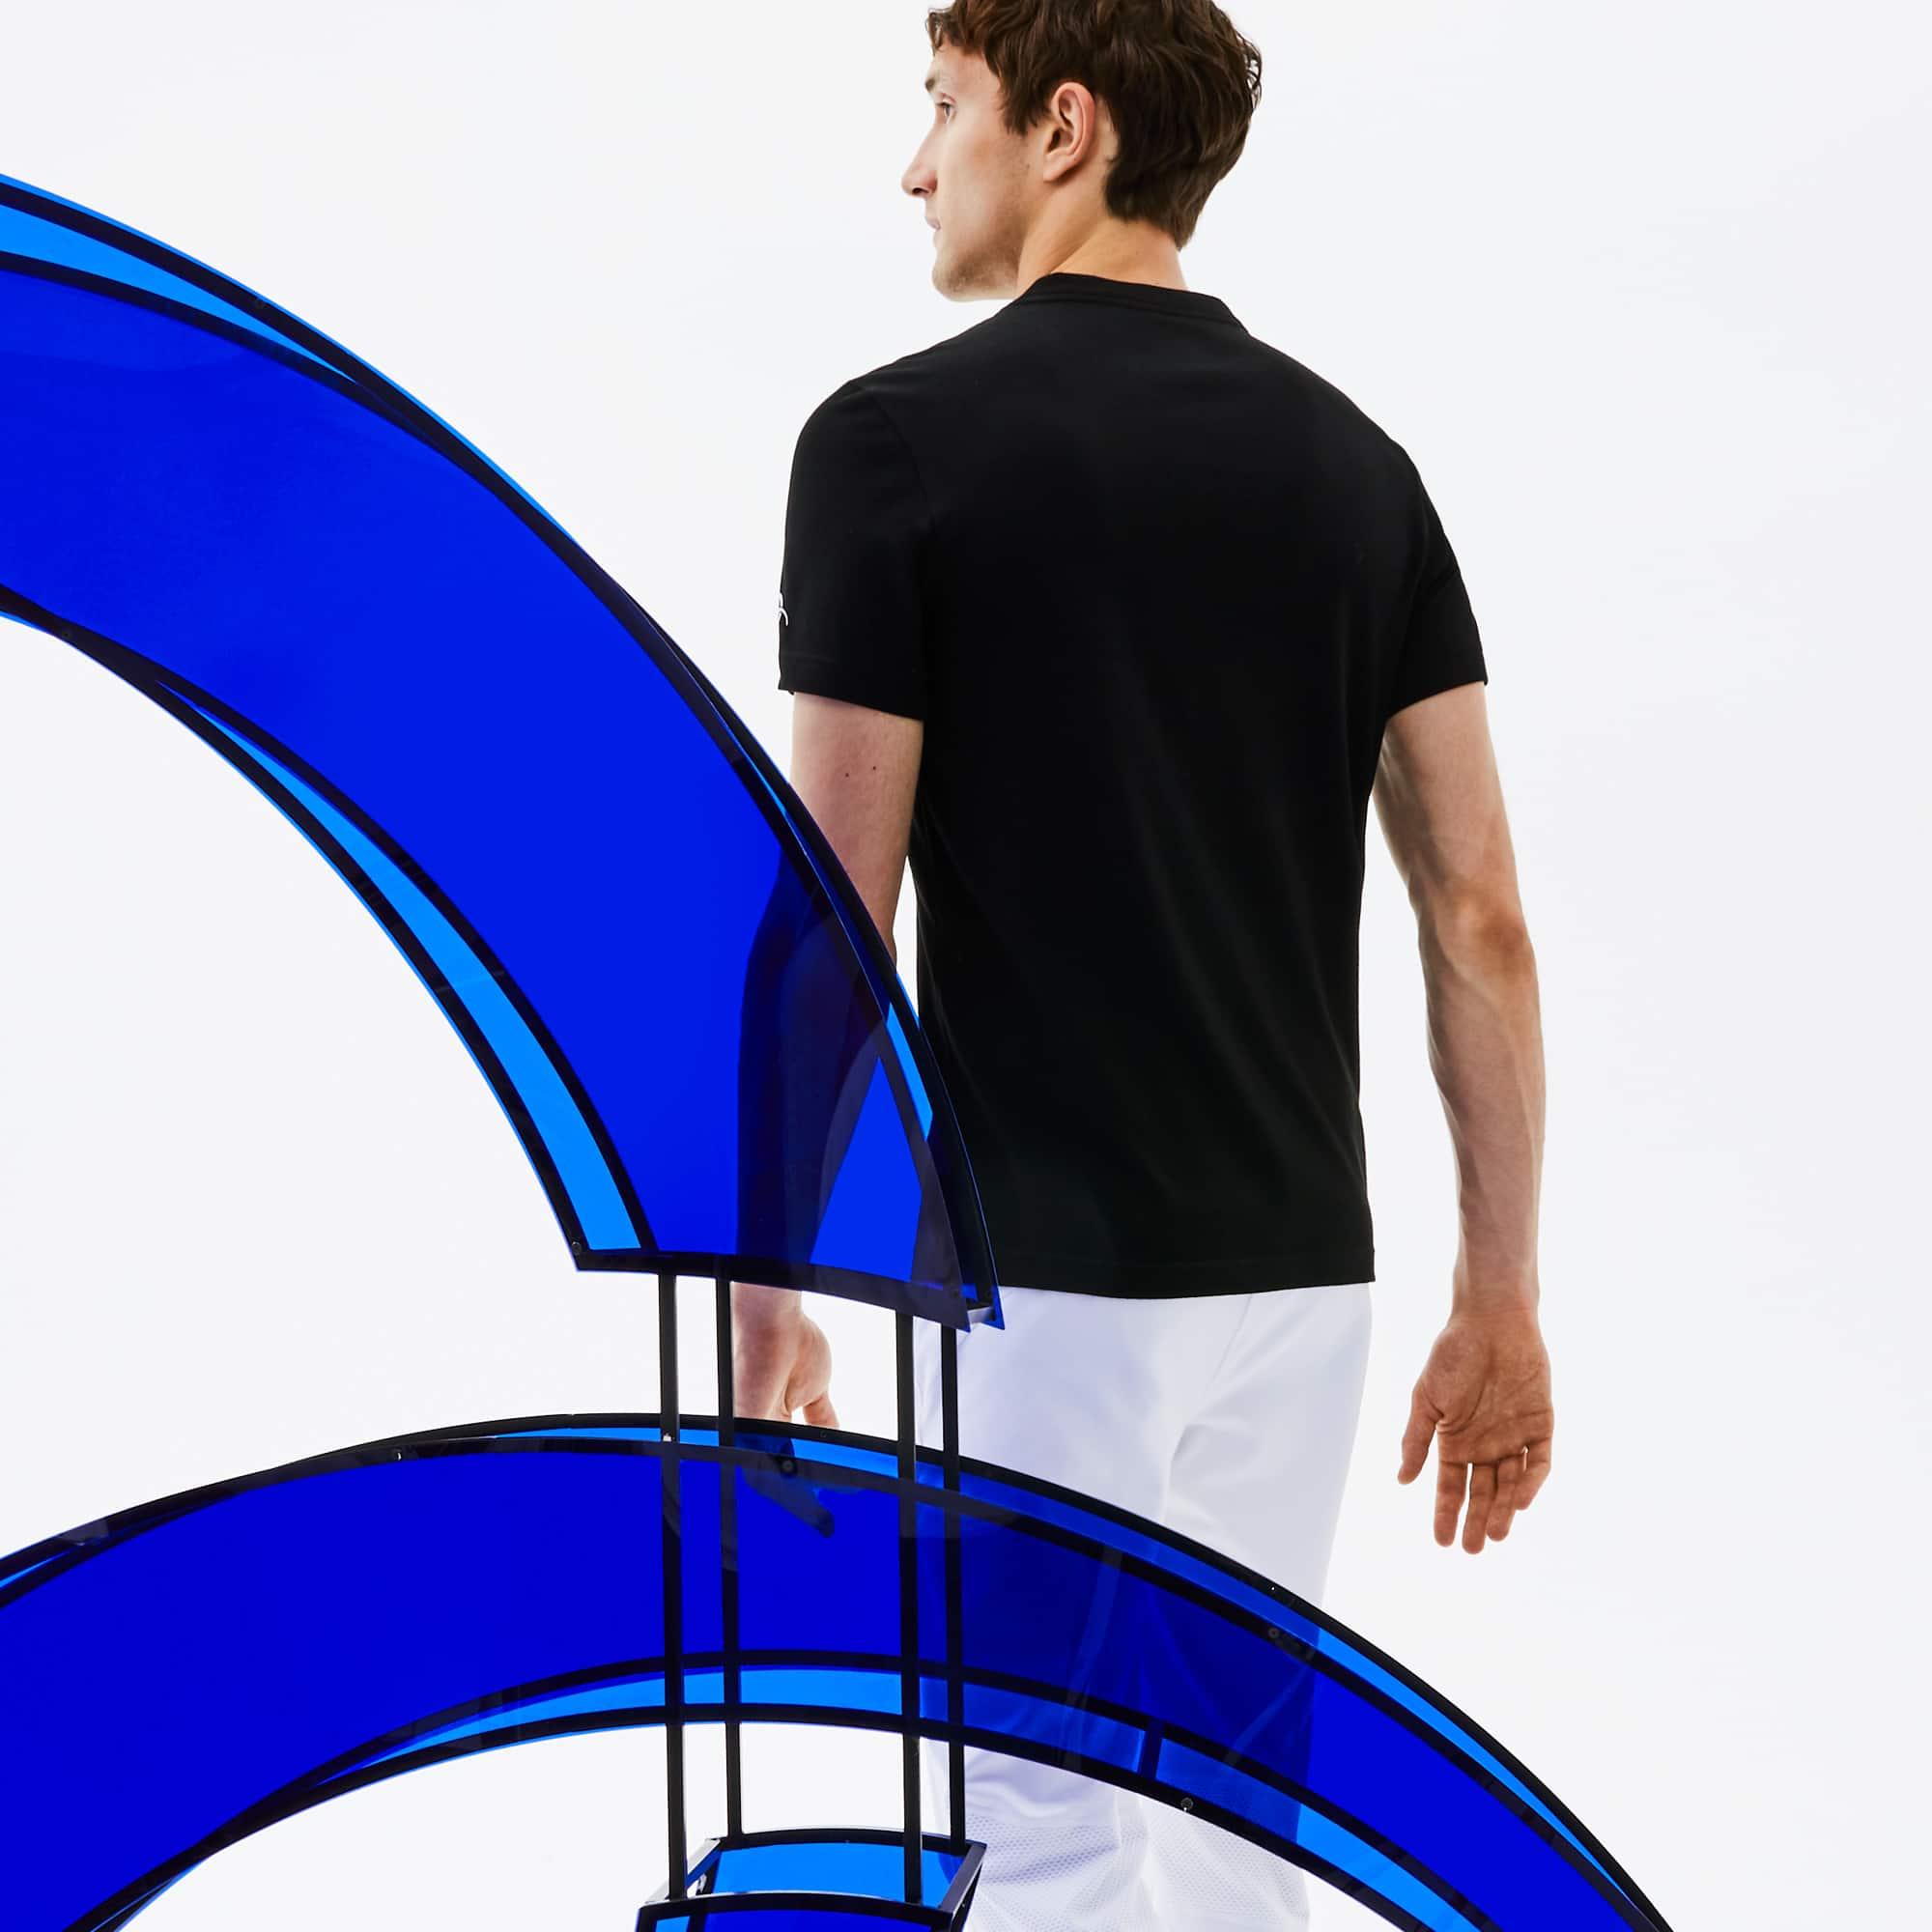 Lacoste - Herren Rundhals-T-Shirt aus Jersey mit Aufdruck LACOSTE SPORT - 2